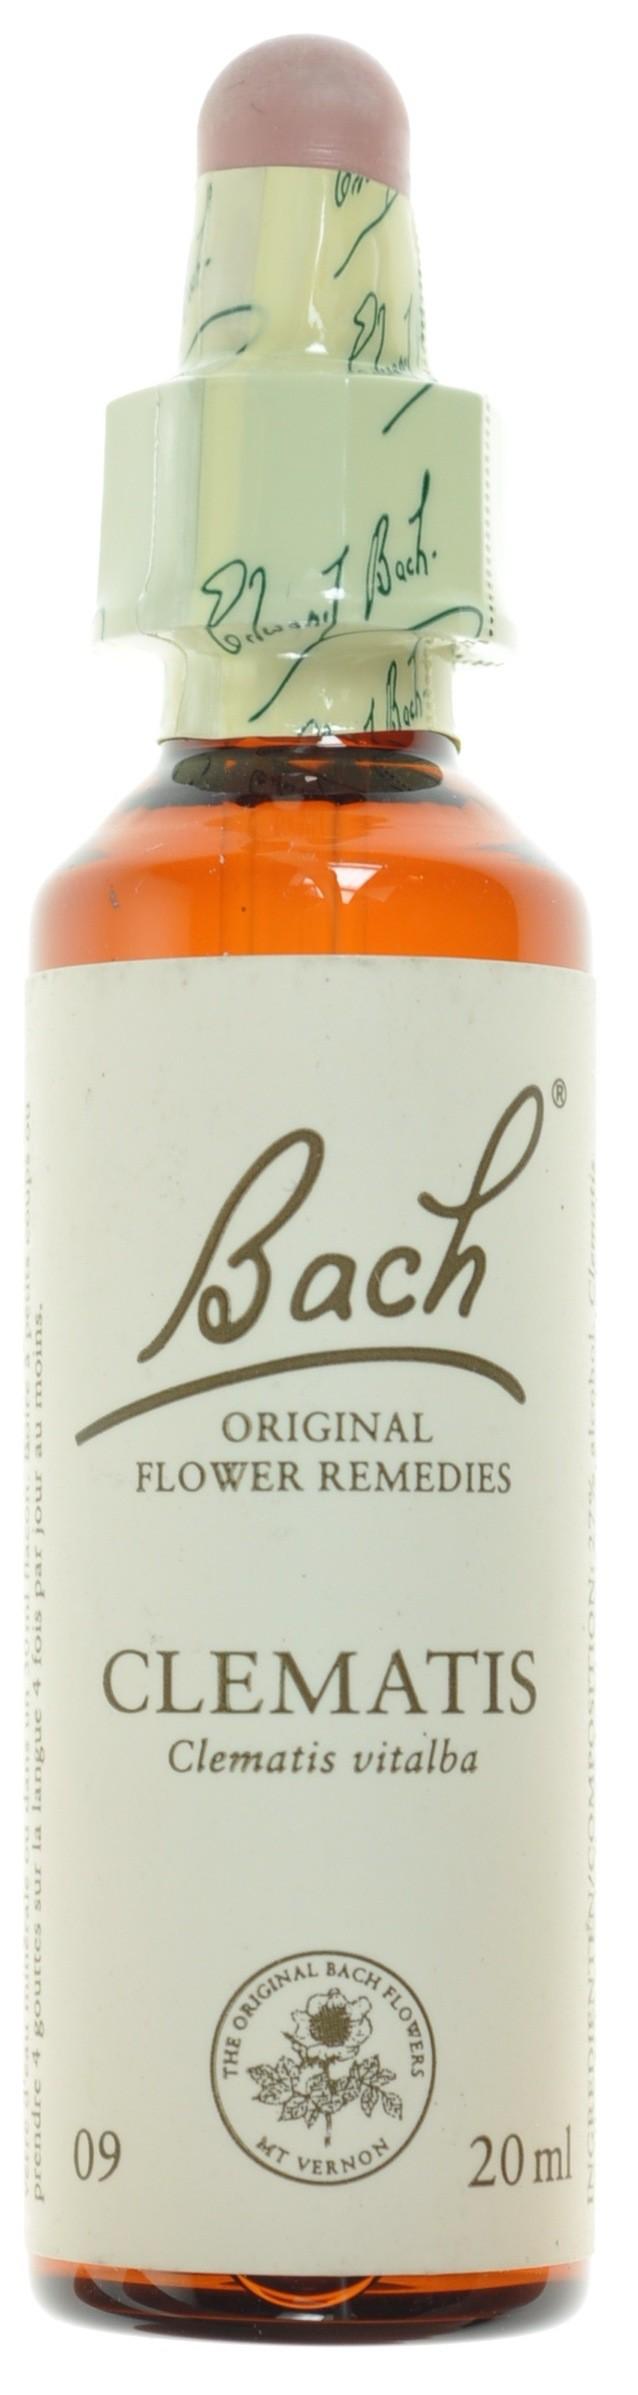 Fleurs de bach 09 clematis 20ml acheter en ligne for Acheter fleurs en ligne